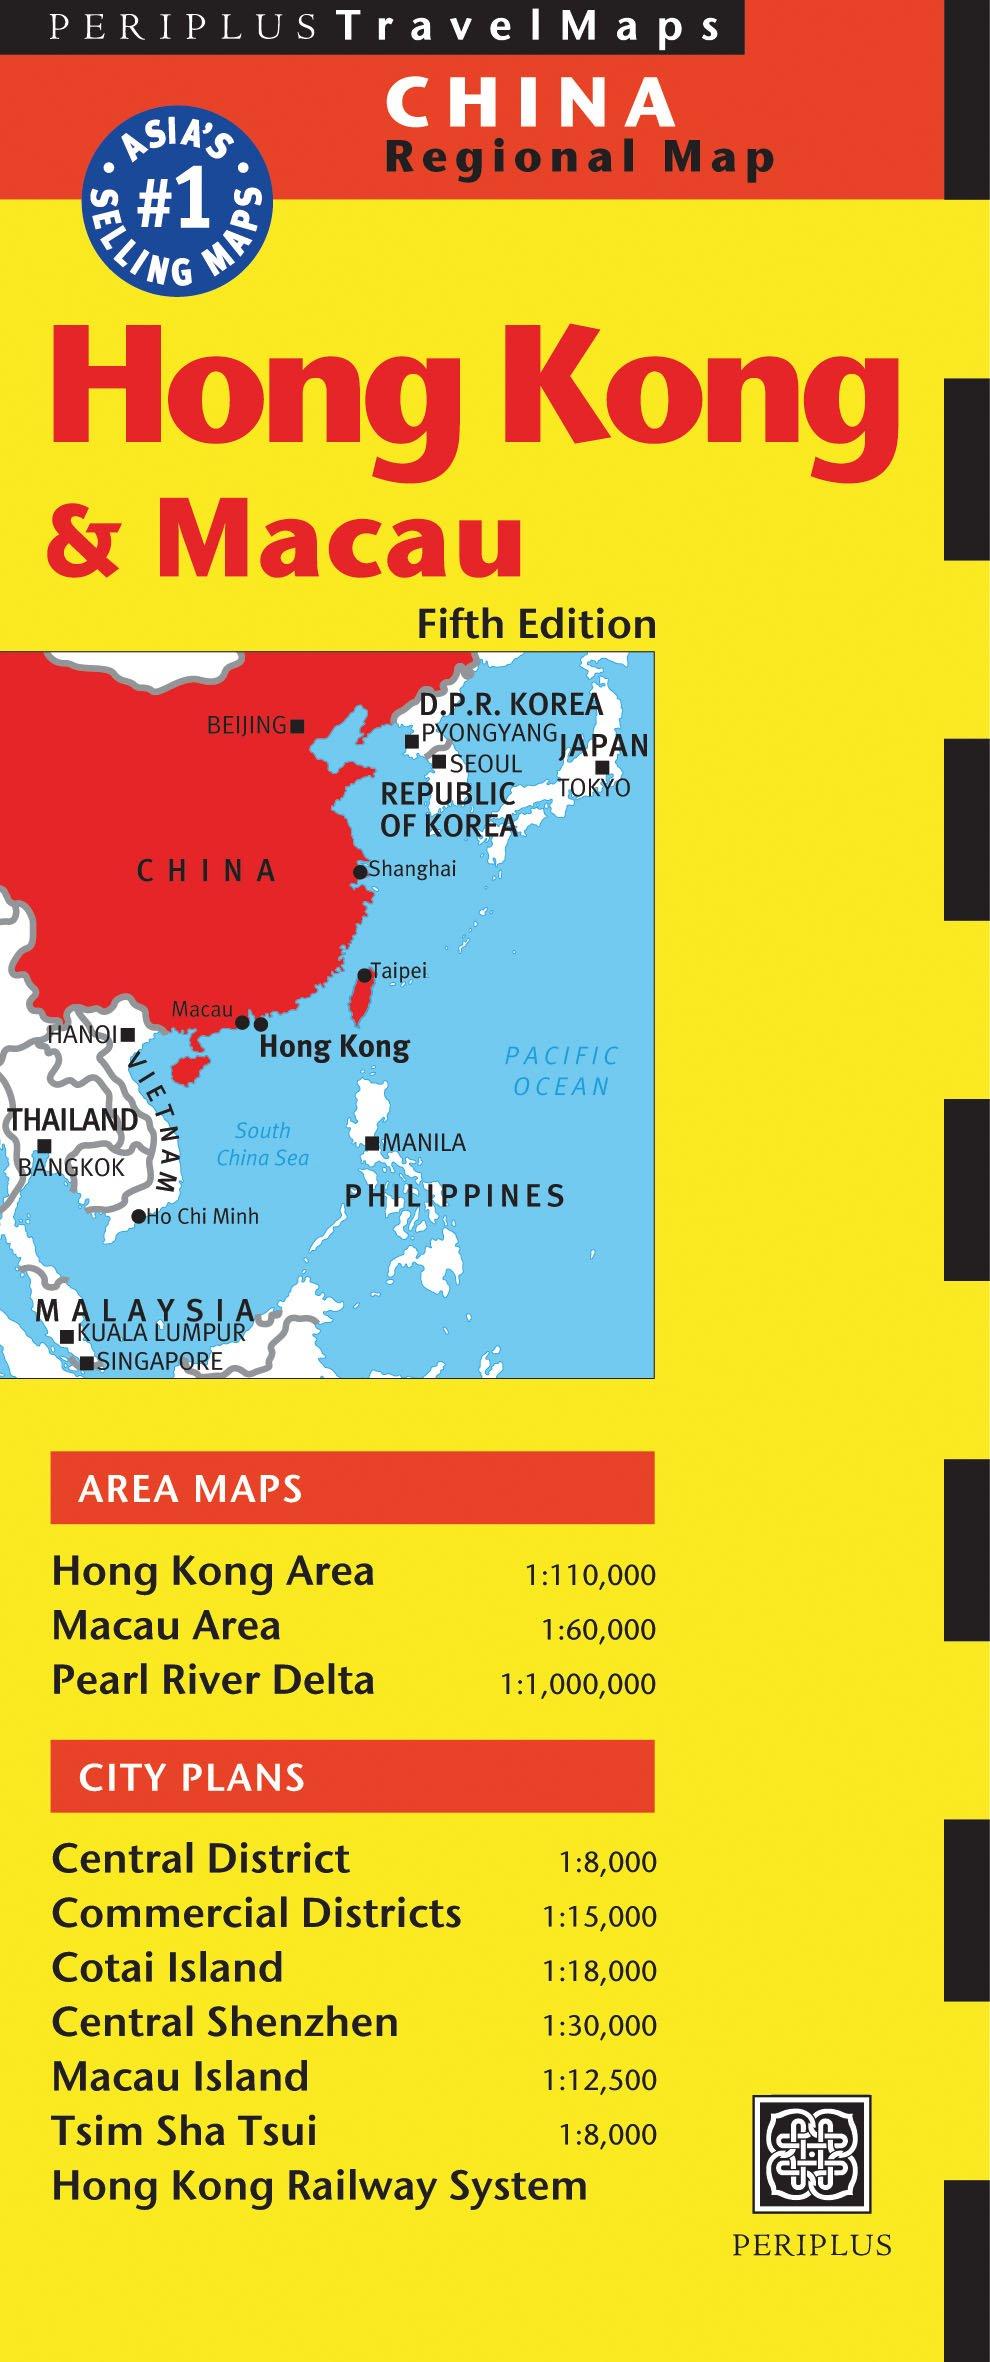 Map Of Asia Hong Kong.Hong Kong Travel Map Fifth Edition Periplus Editors 9780794605810